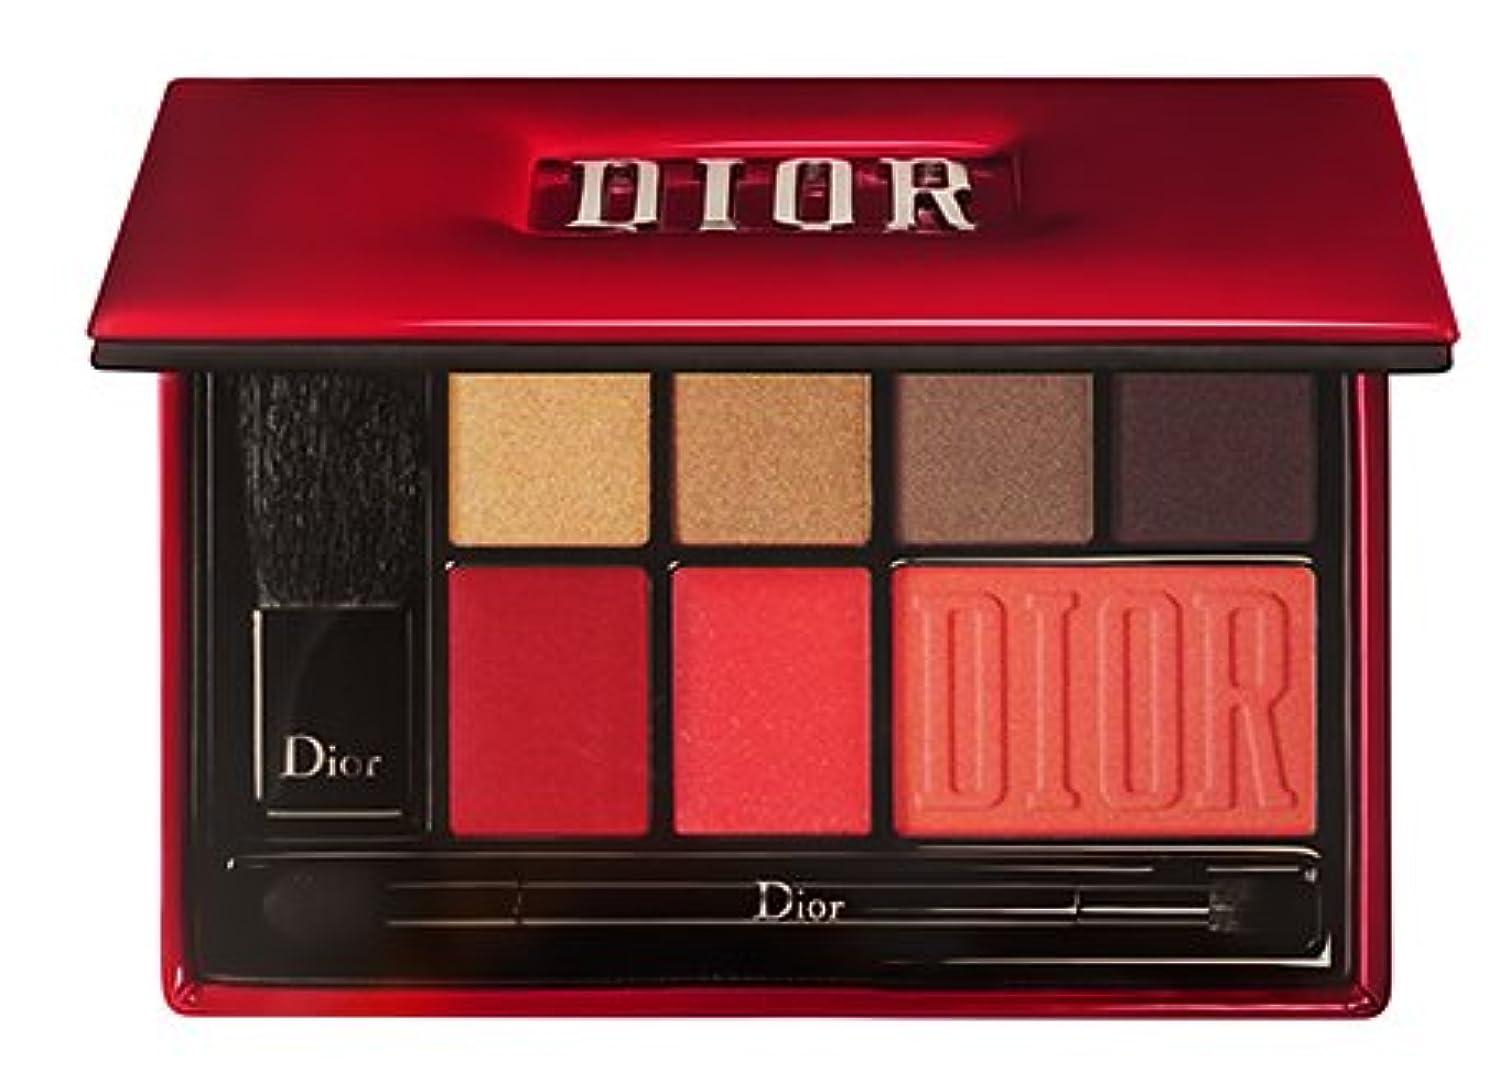 意義マトン価格クリスチャンディオール Ultra Dior ファッション パレット BE INTENSE